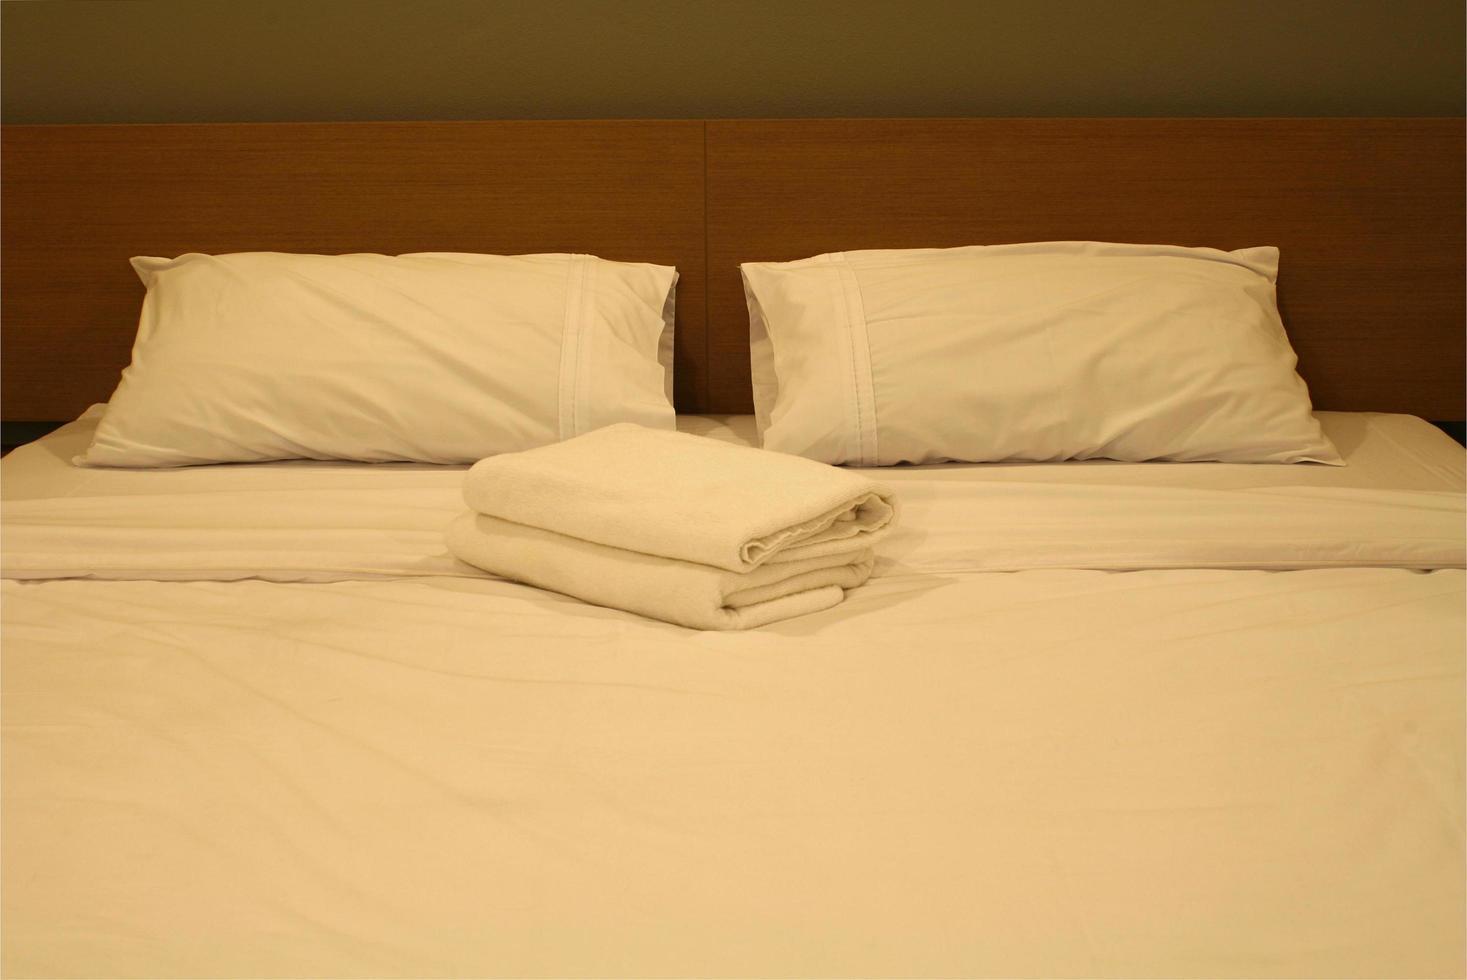 lit d'hôtel avec des draps blancs photo